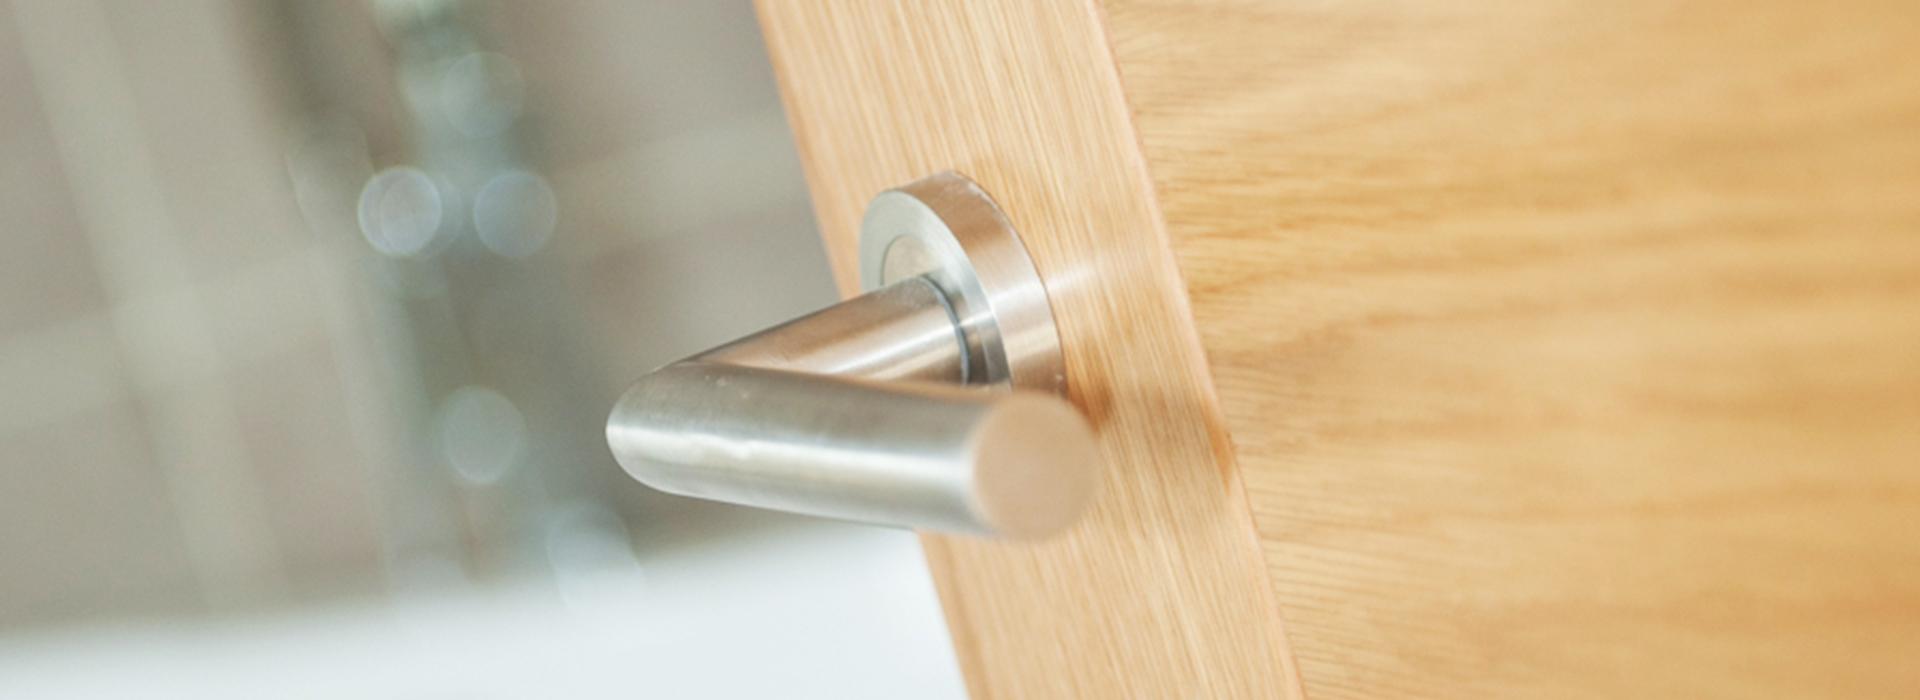 Modern chrome door handle